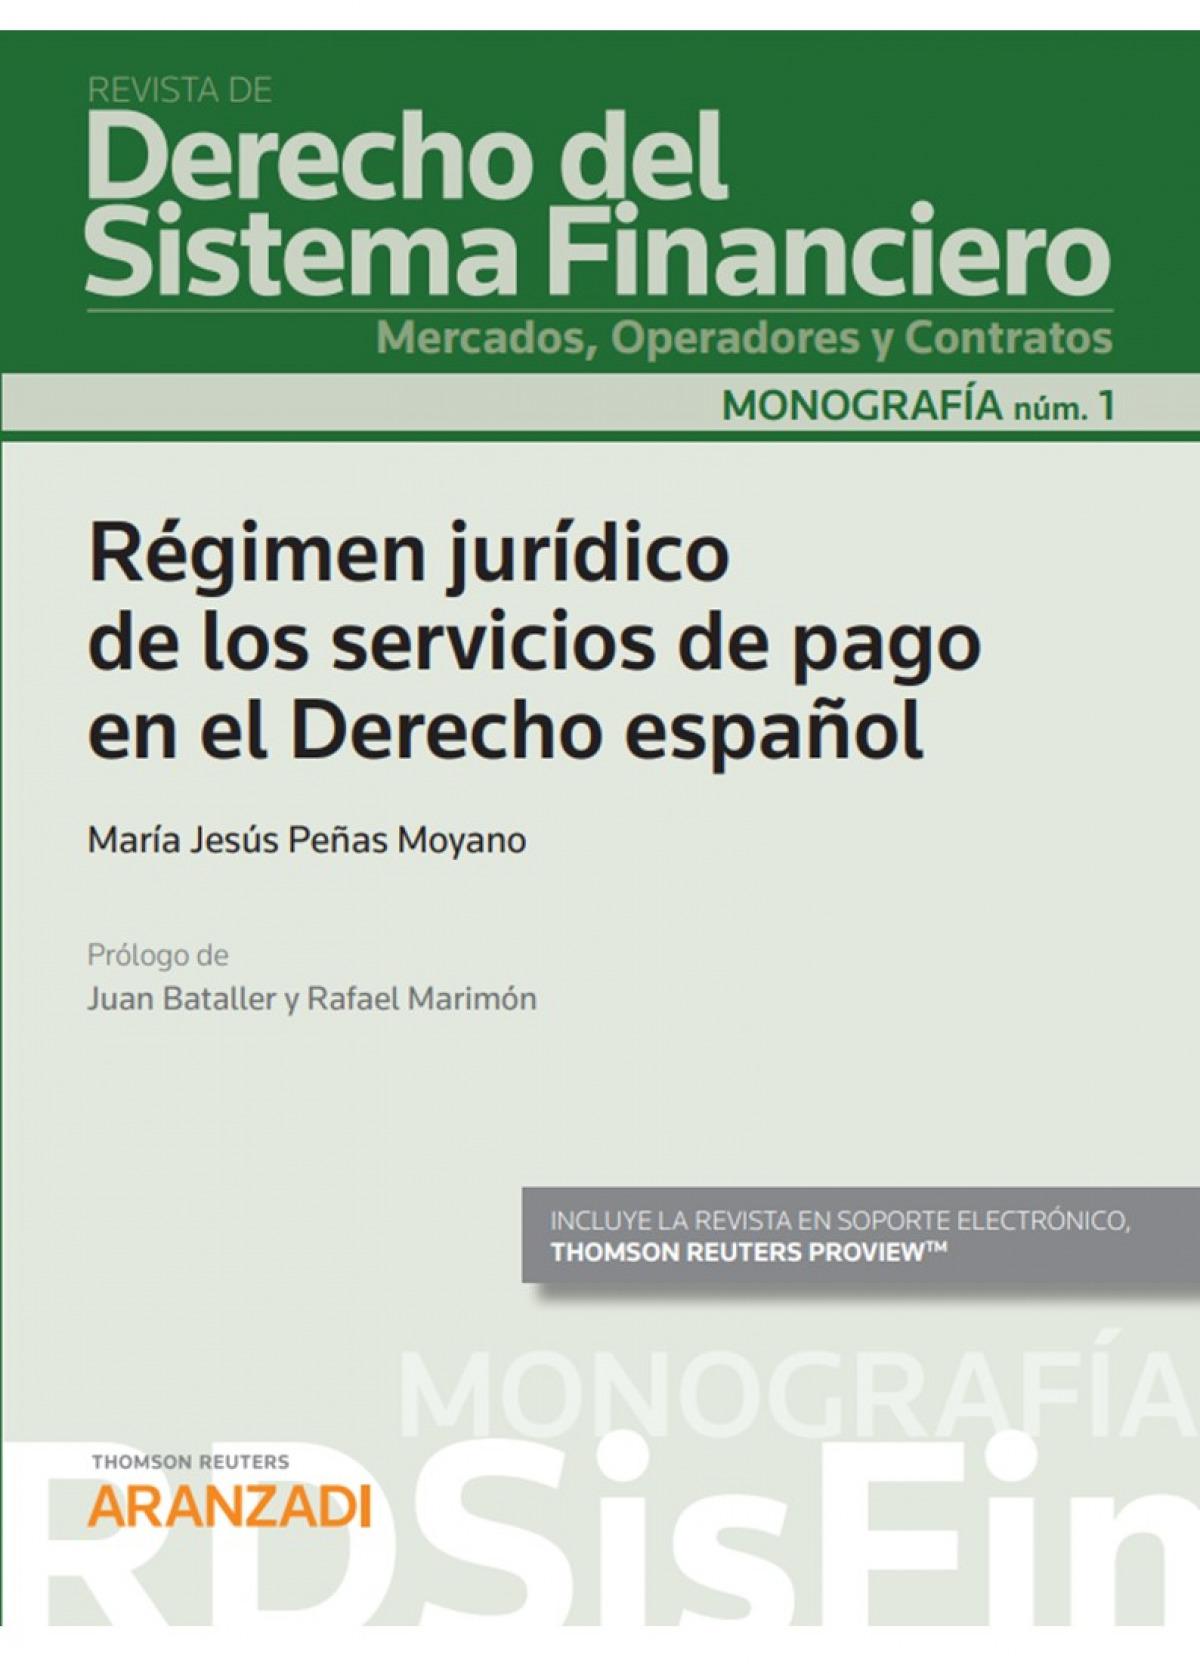 Régimen jurídico de los servicios de pago en el derecho español